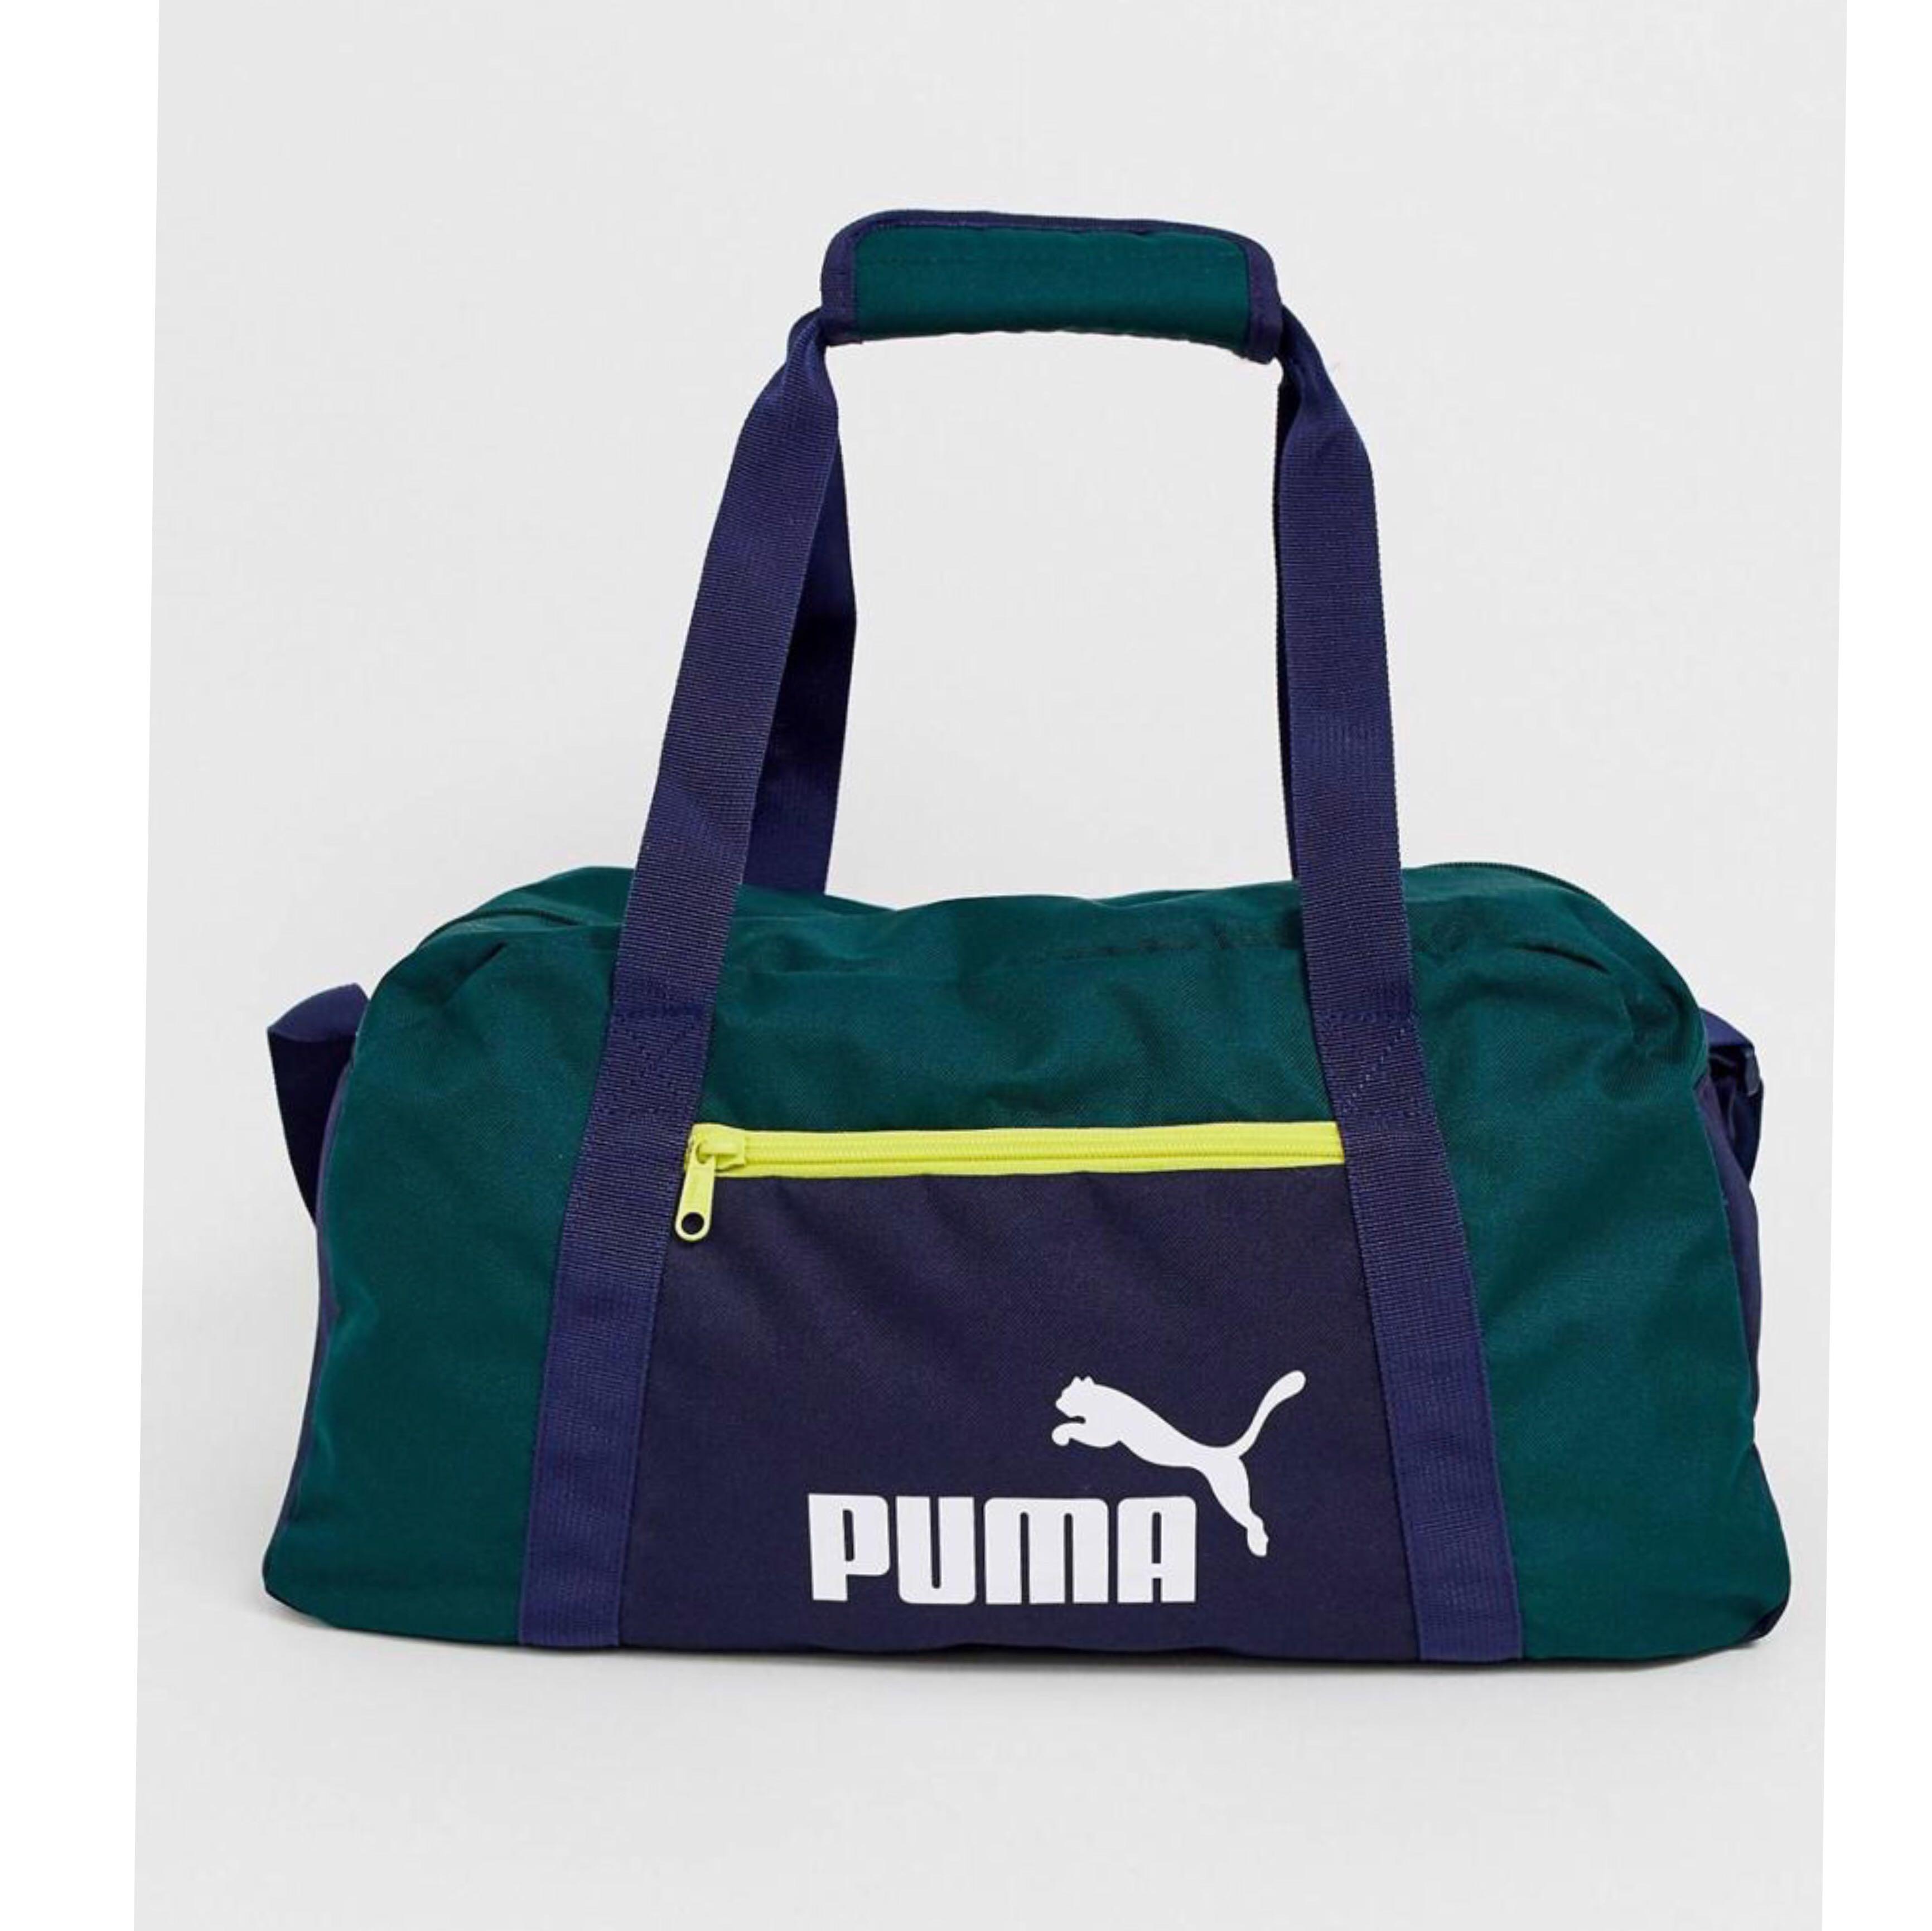 3c5967daab Home · Men s Fashion · Bags   Wallets · Sling Bags. photo photo photo photo